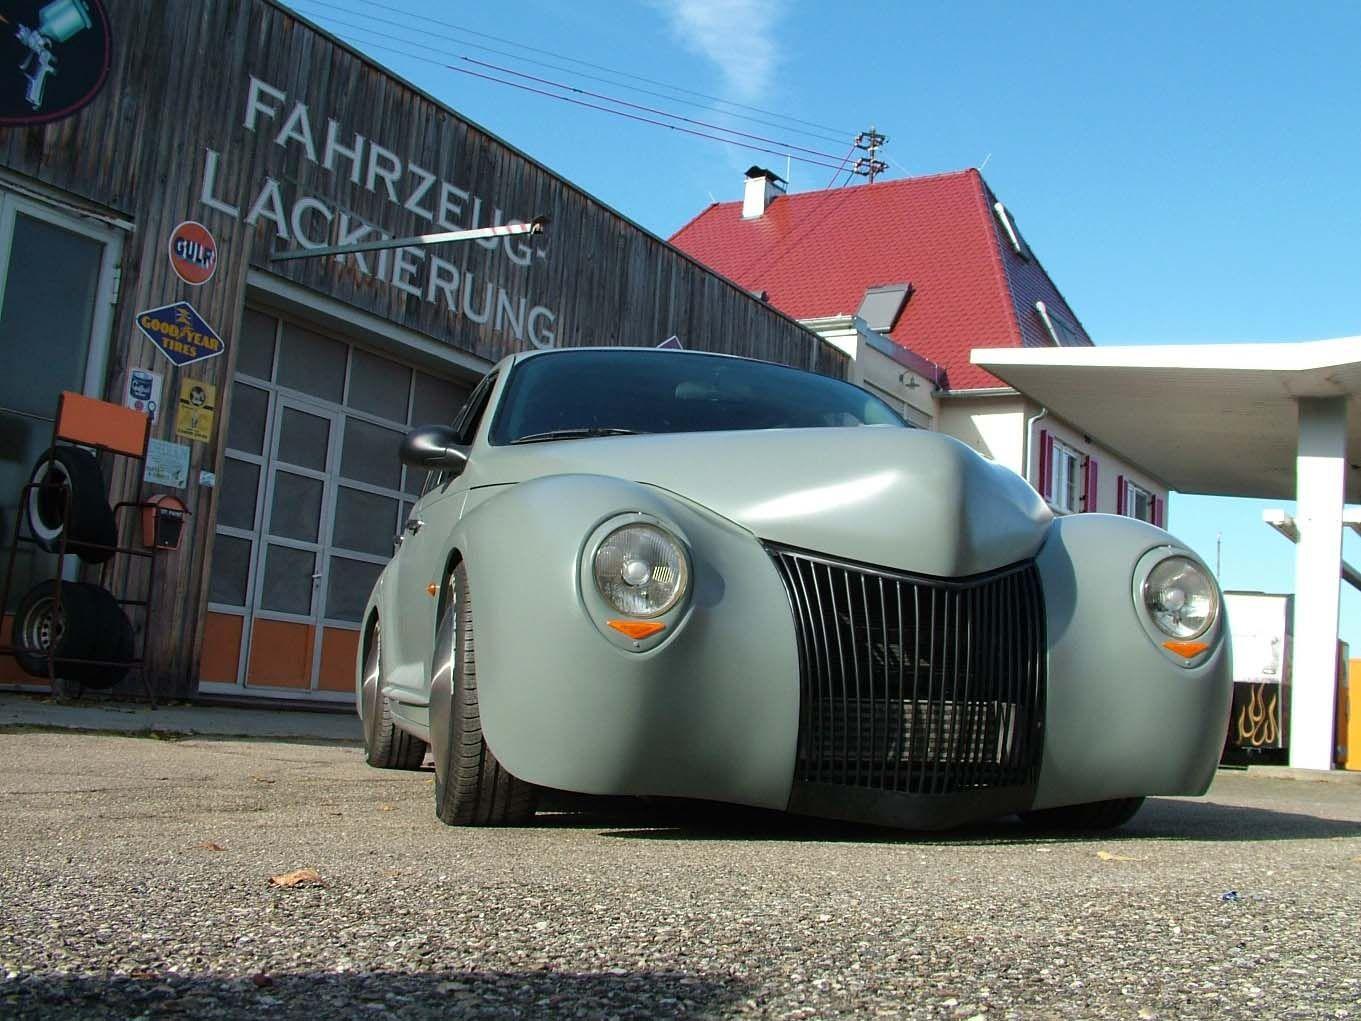 Chrysler pt cruiser hot rod kit